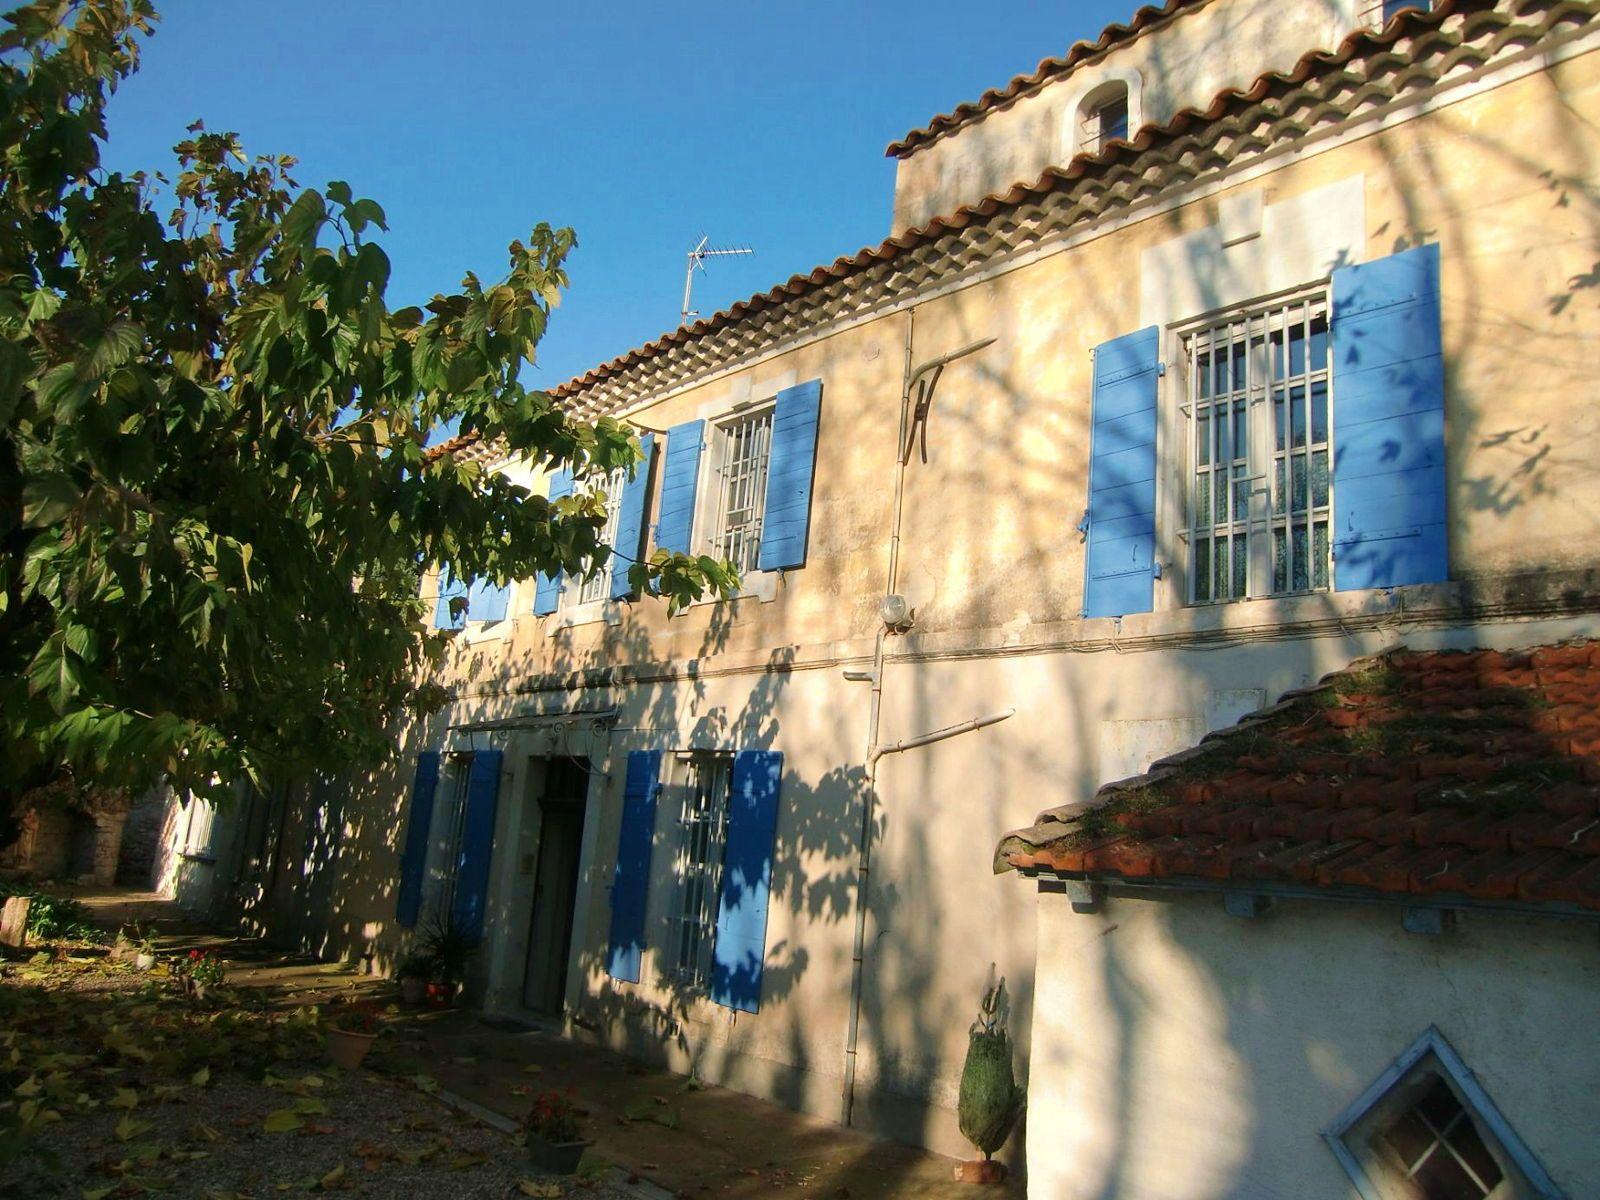 Loue maison provençale, 3chambres, 12couchages proche Arles-Avignon